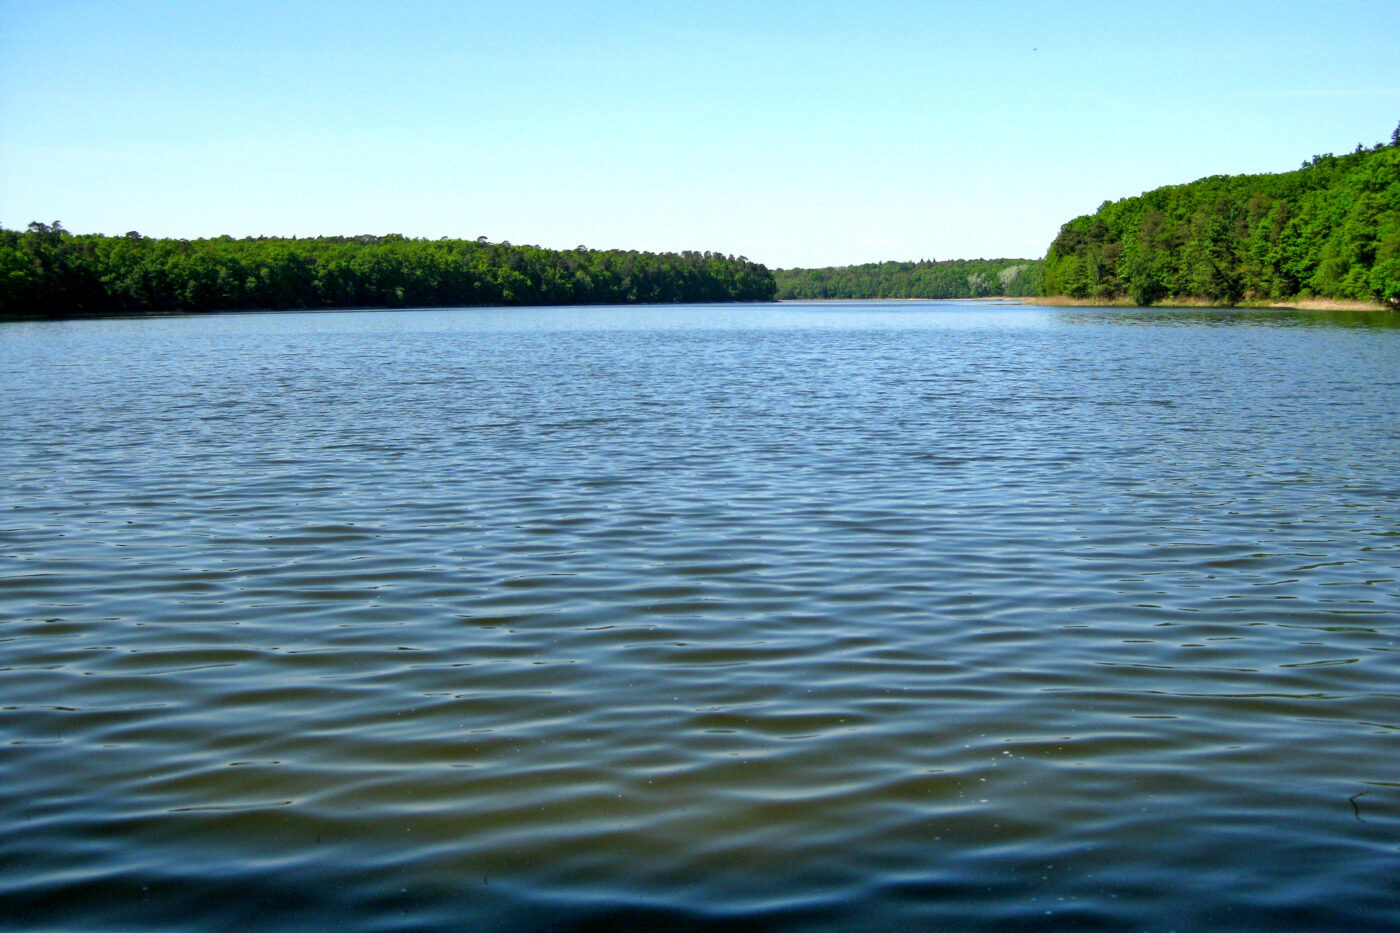 Jezioro Góreckie, Wielkopolski Park Narodowy